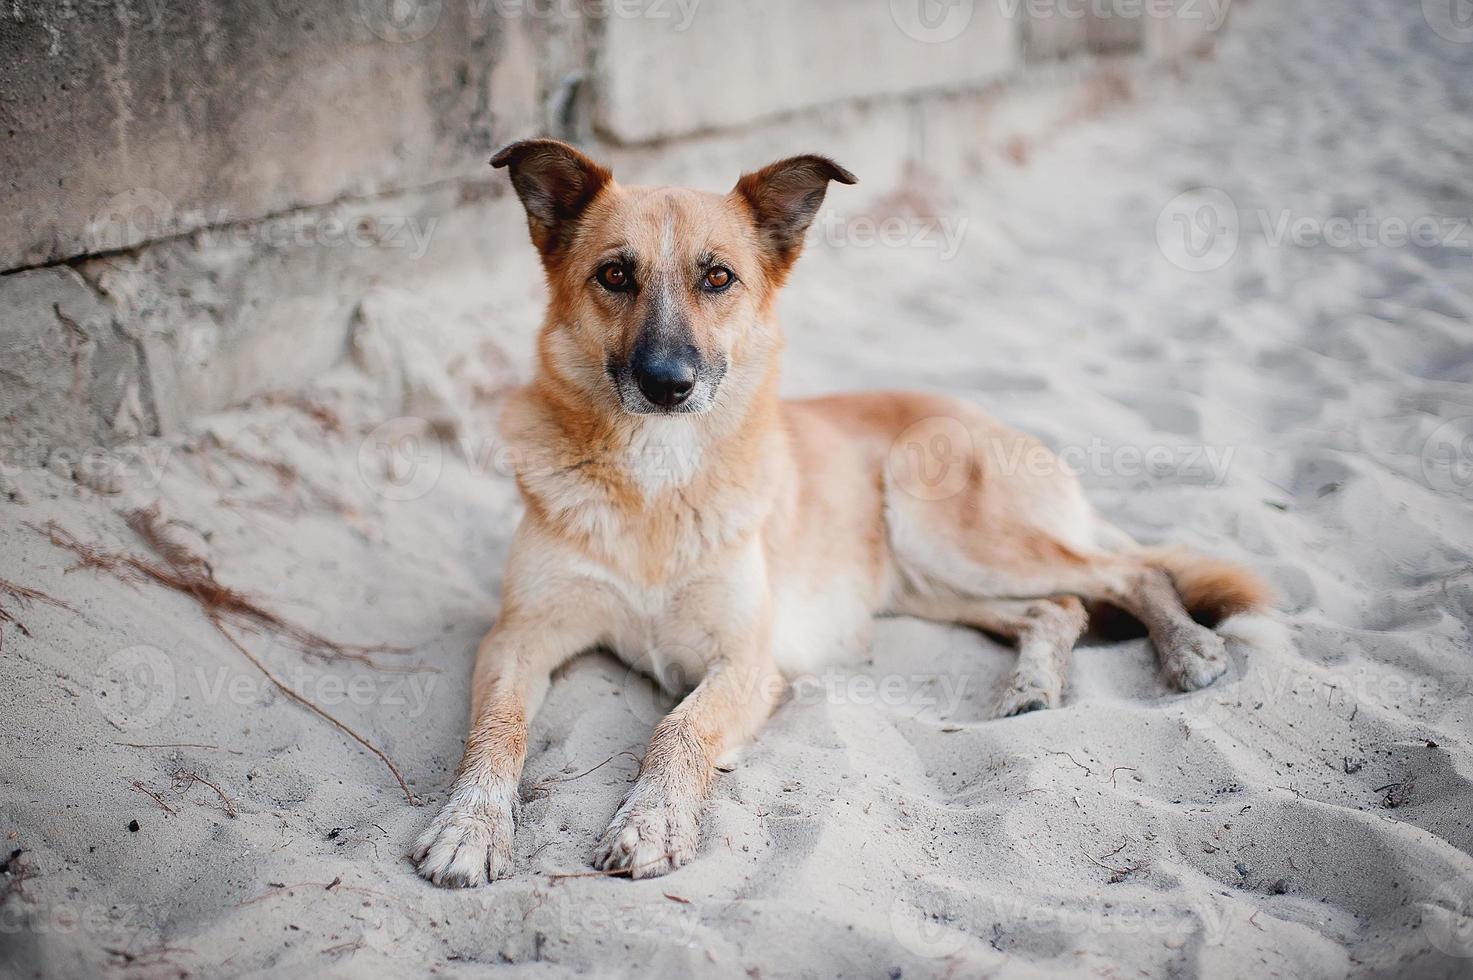 Hund im Sand liegen foto